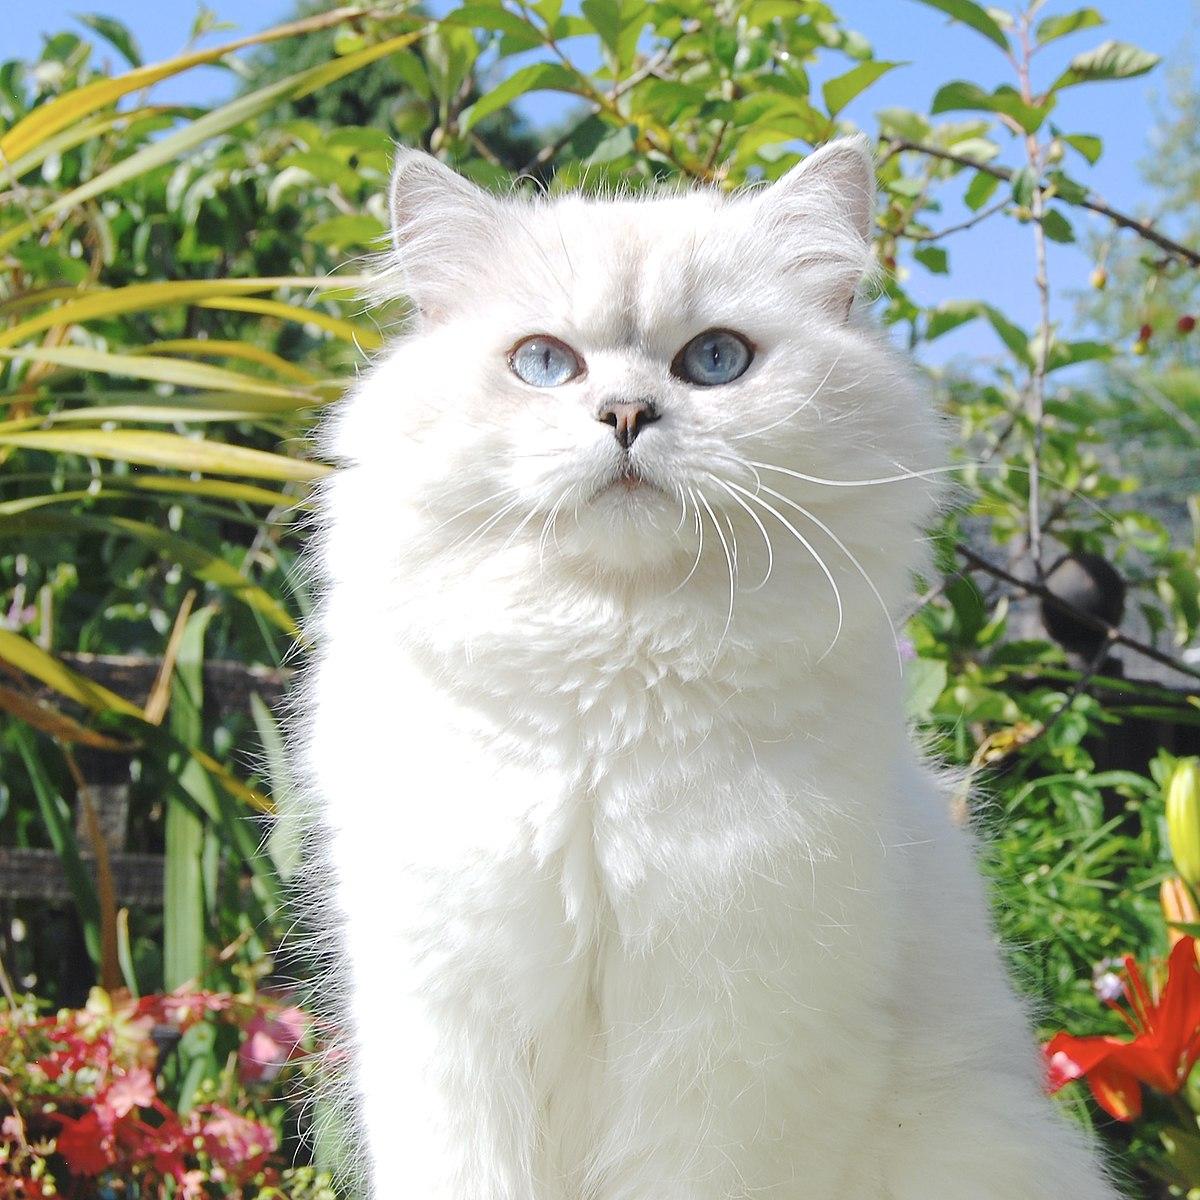 Ảnh đẹp về mèo anh lông dài